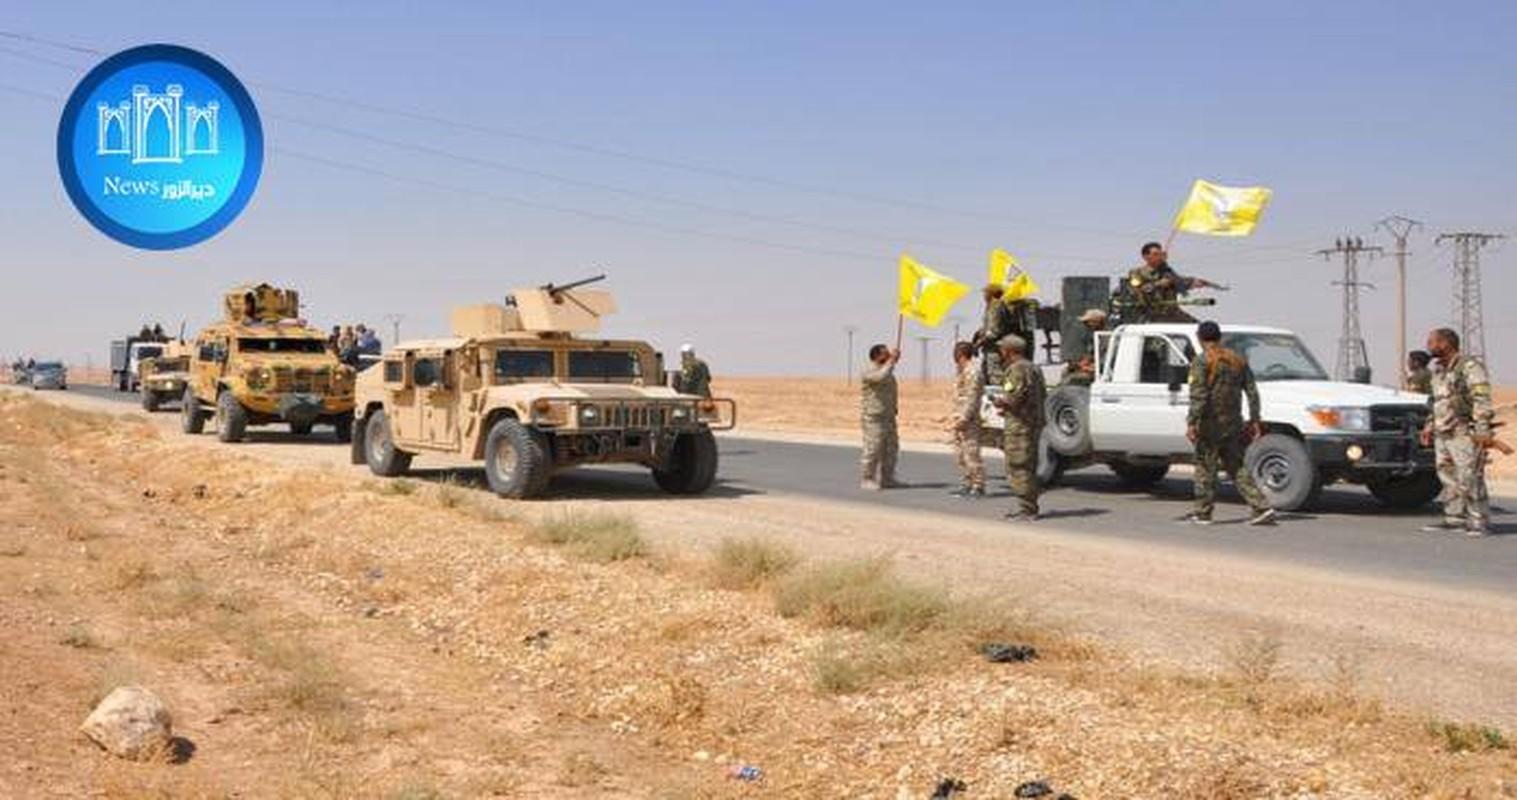 Phien quan IS phuc kich, tan sat linh Syria tai Homs-Hinh-6